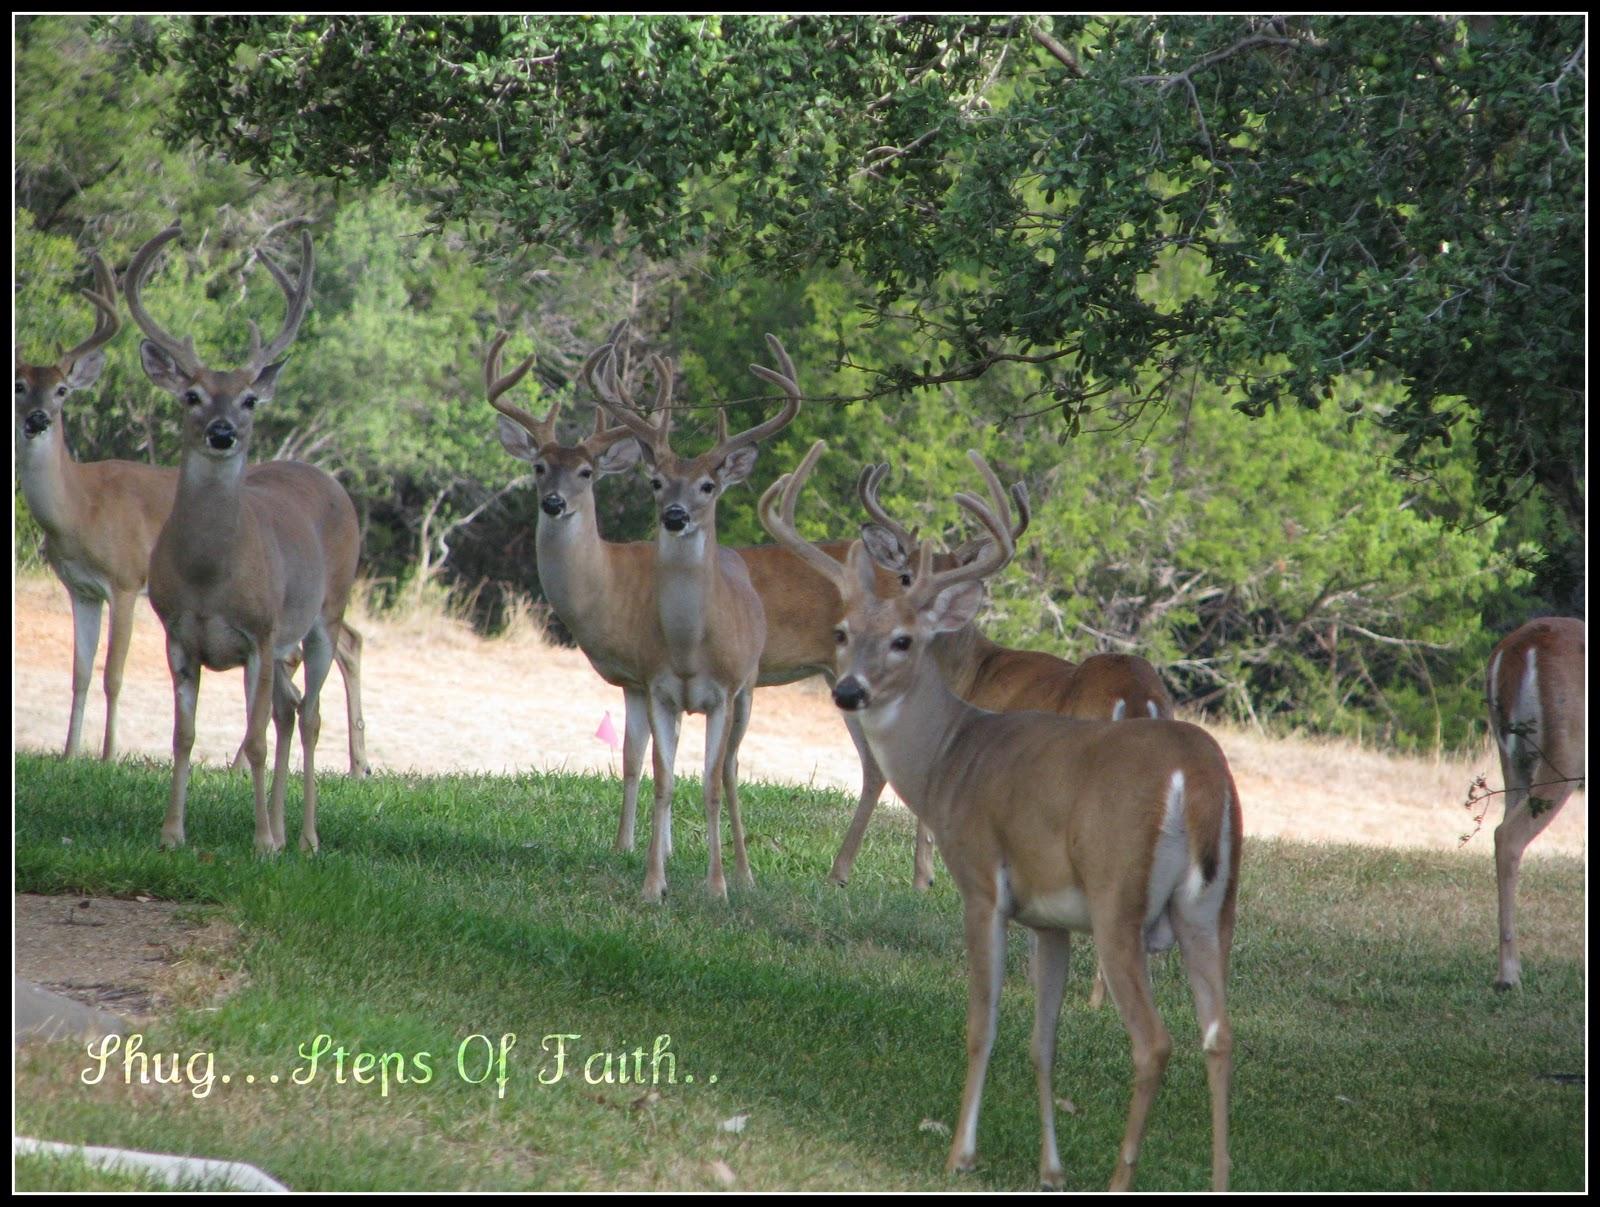 Shug my steps of faith deer season are you kidding me for Deer stand steps